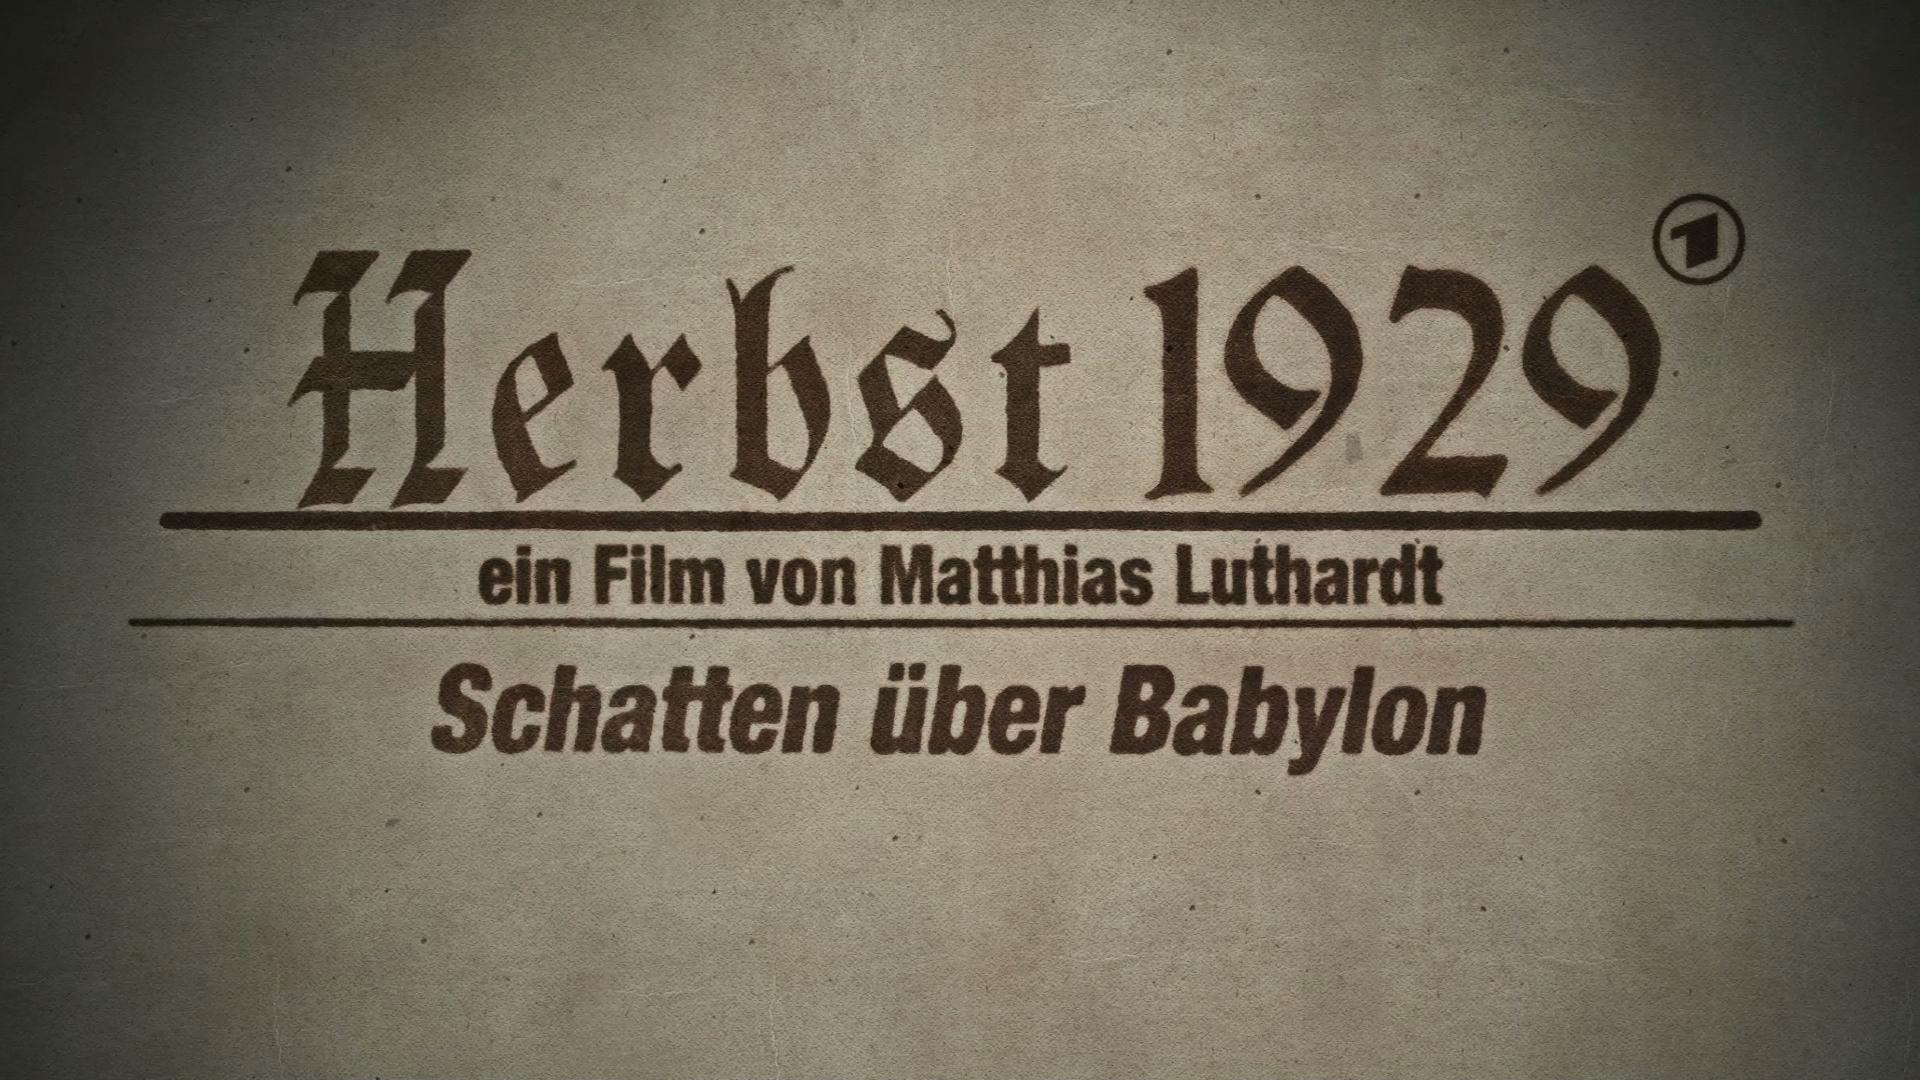 Herbst 1929 - Schatten über Babylon